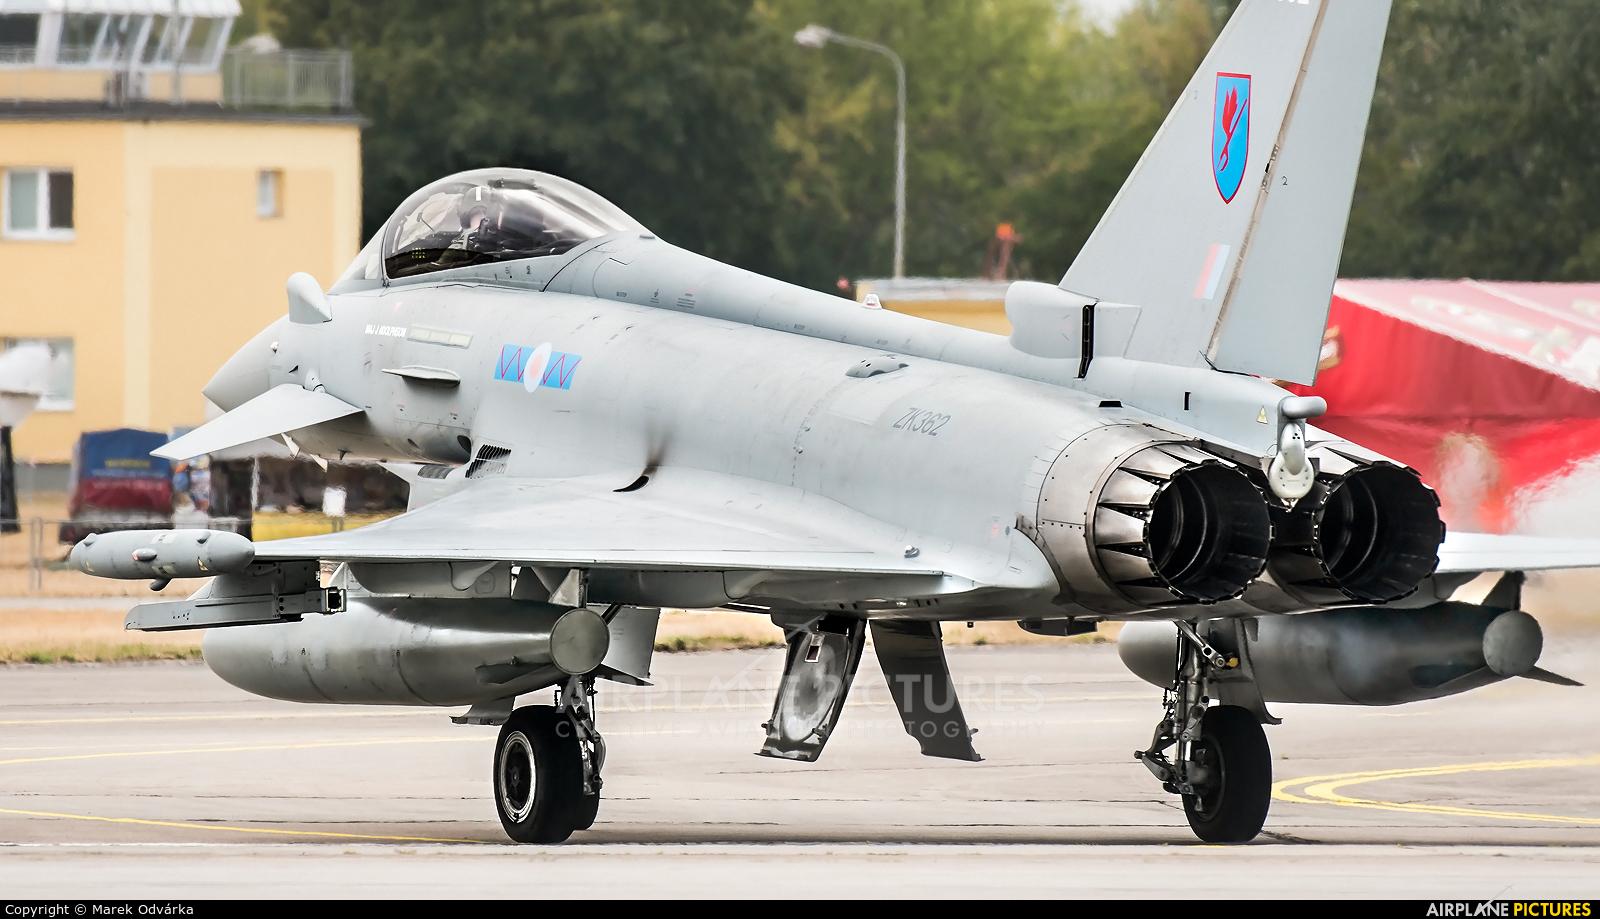 Royal Air Force ZK362 aircraft at Pardubice